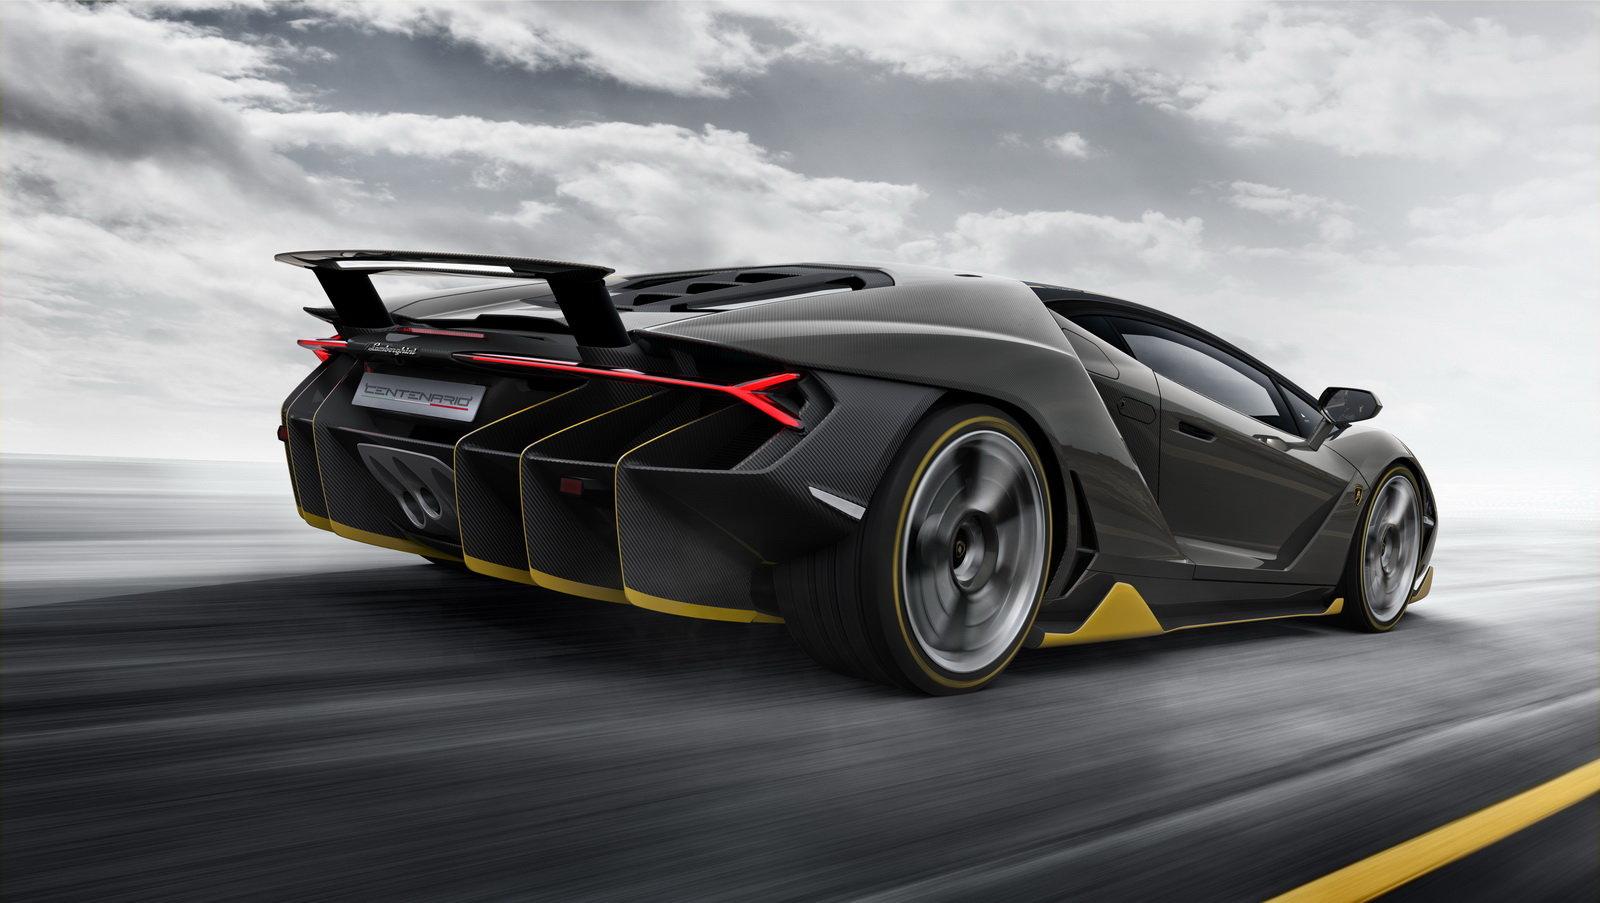 Centenario je nejnovějším speciálem Lamborghini, vznikne jen čtyřicet kusů.